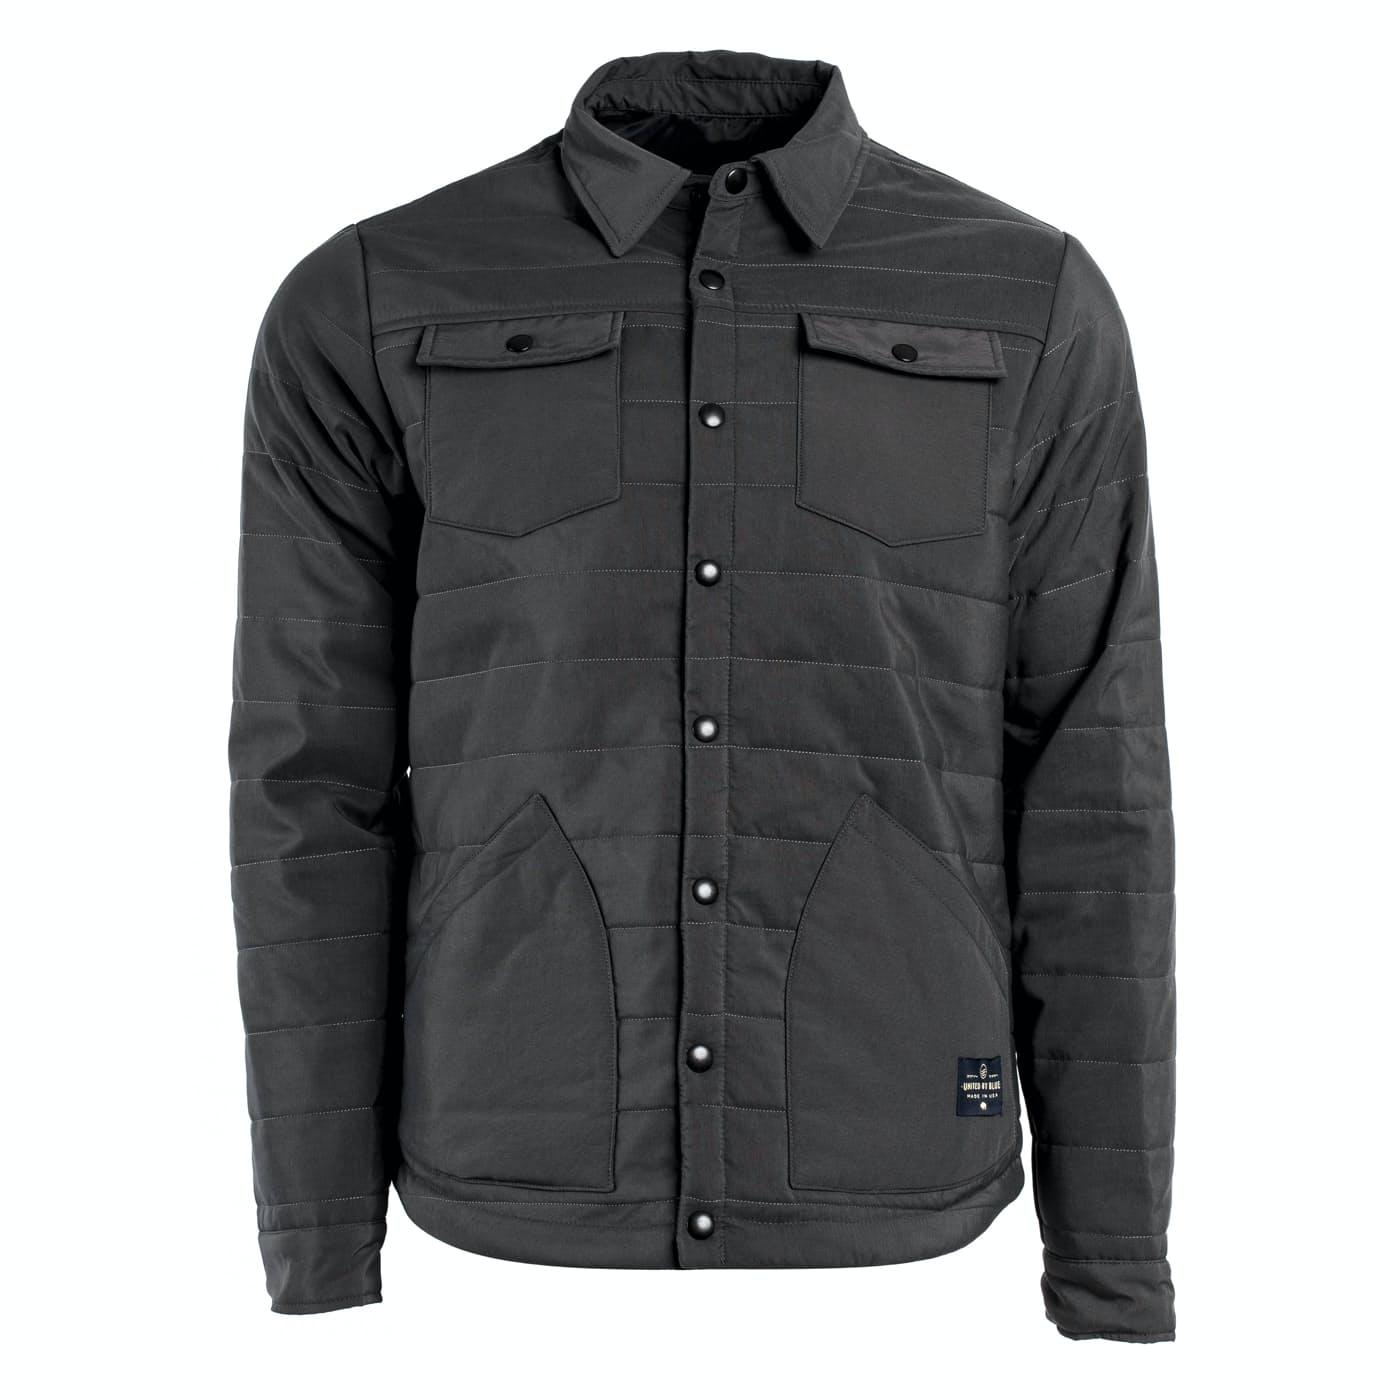 R5fv5ottru united by blue bison snap jacket 0 original